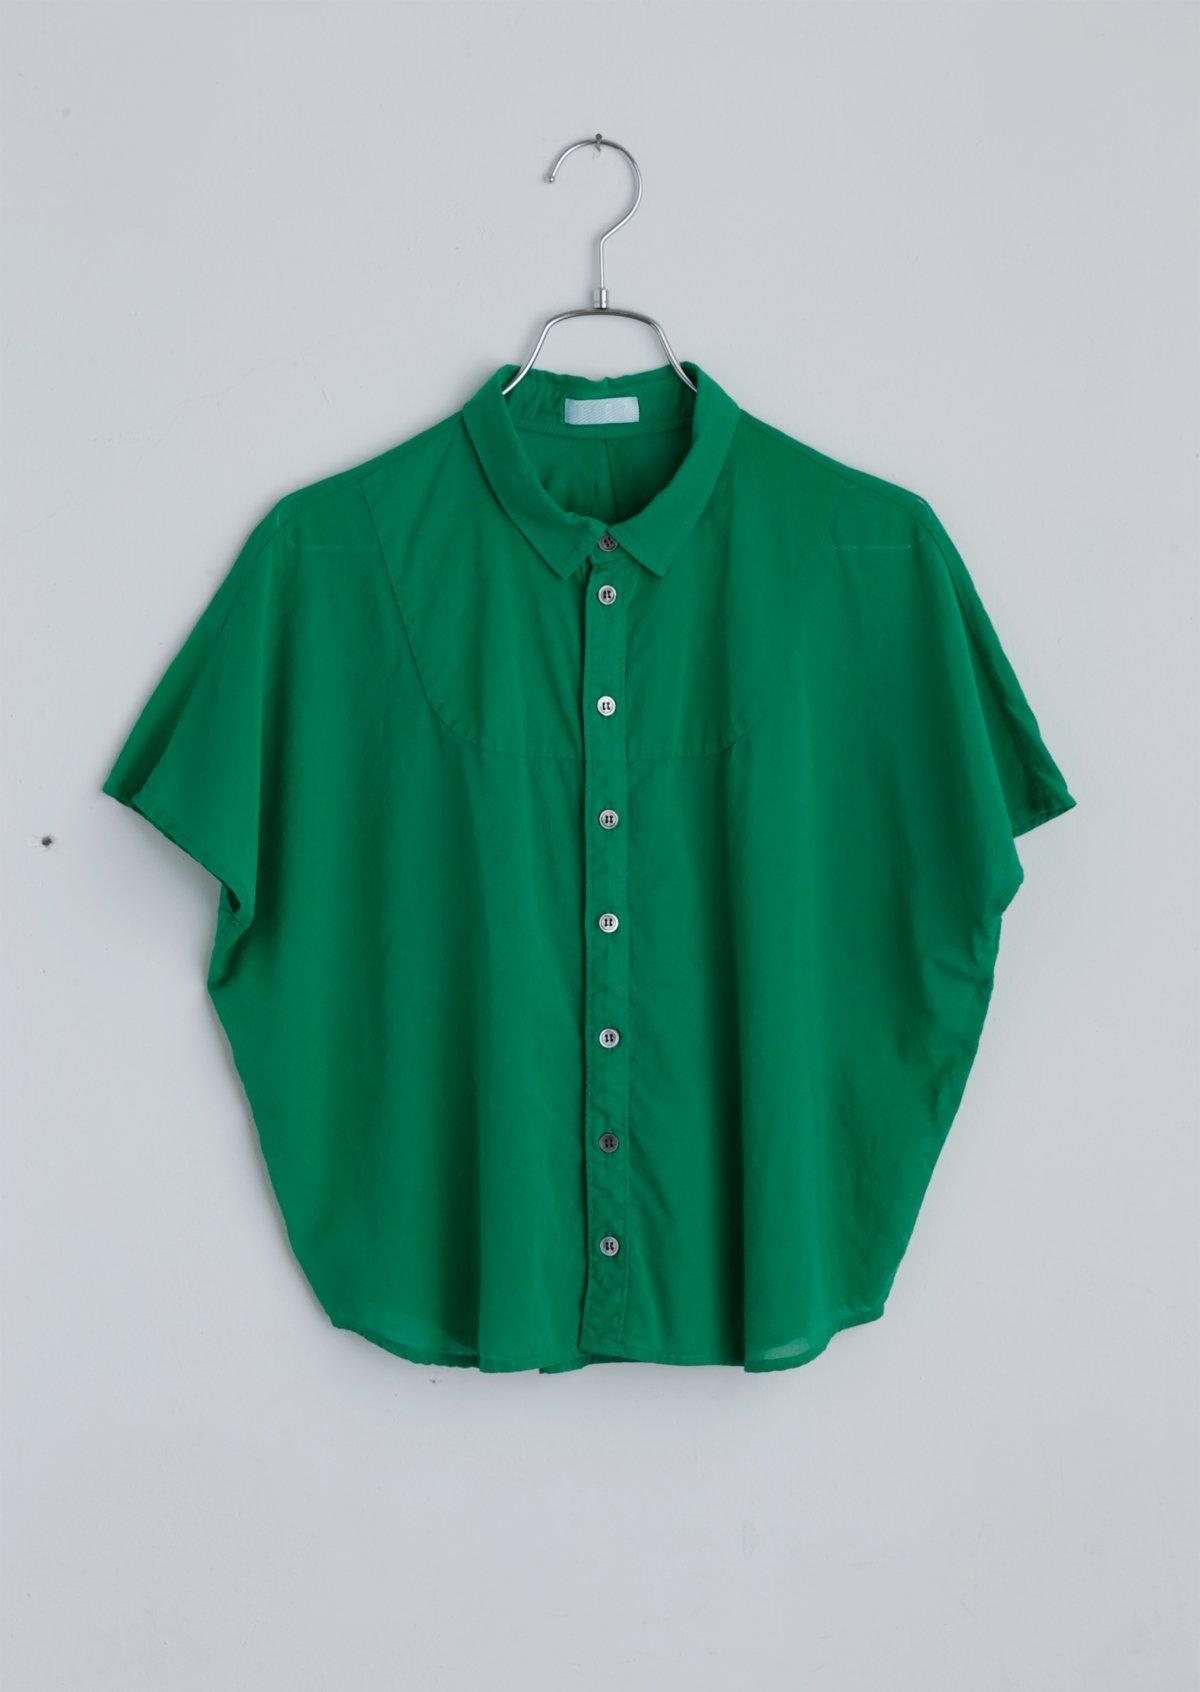 ヨークシャツ